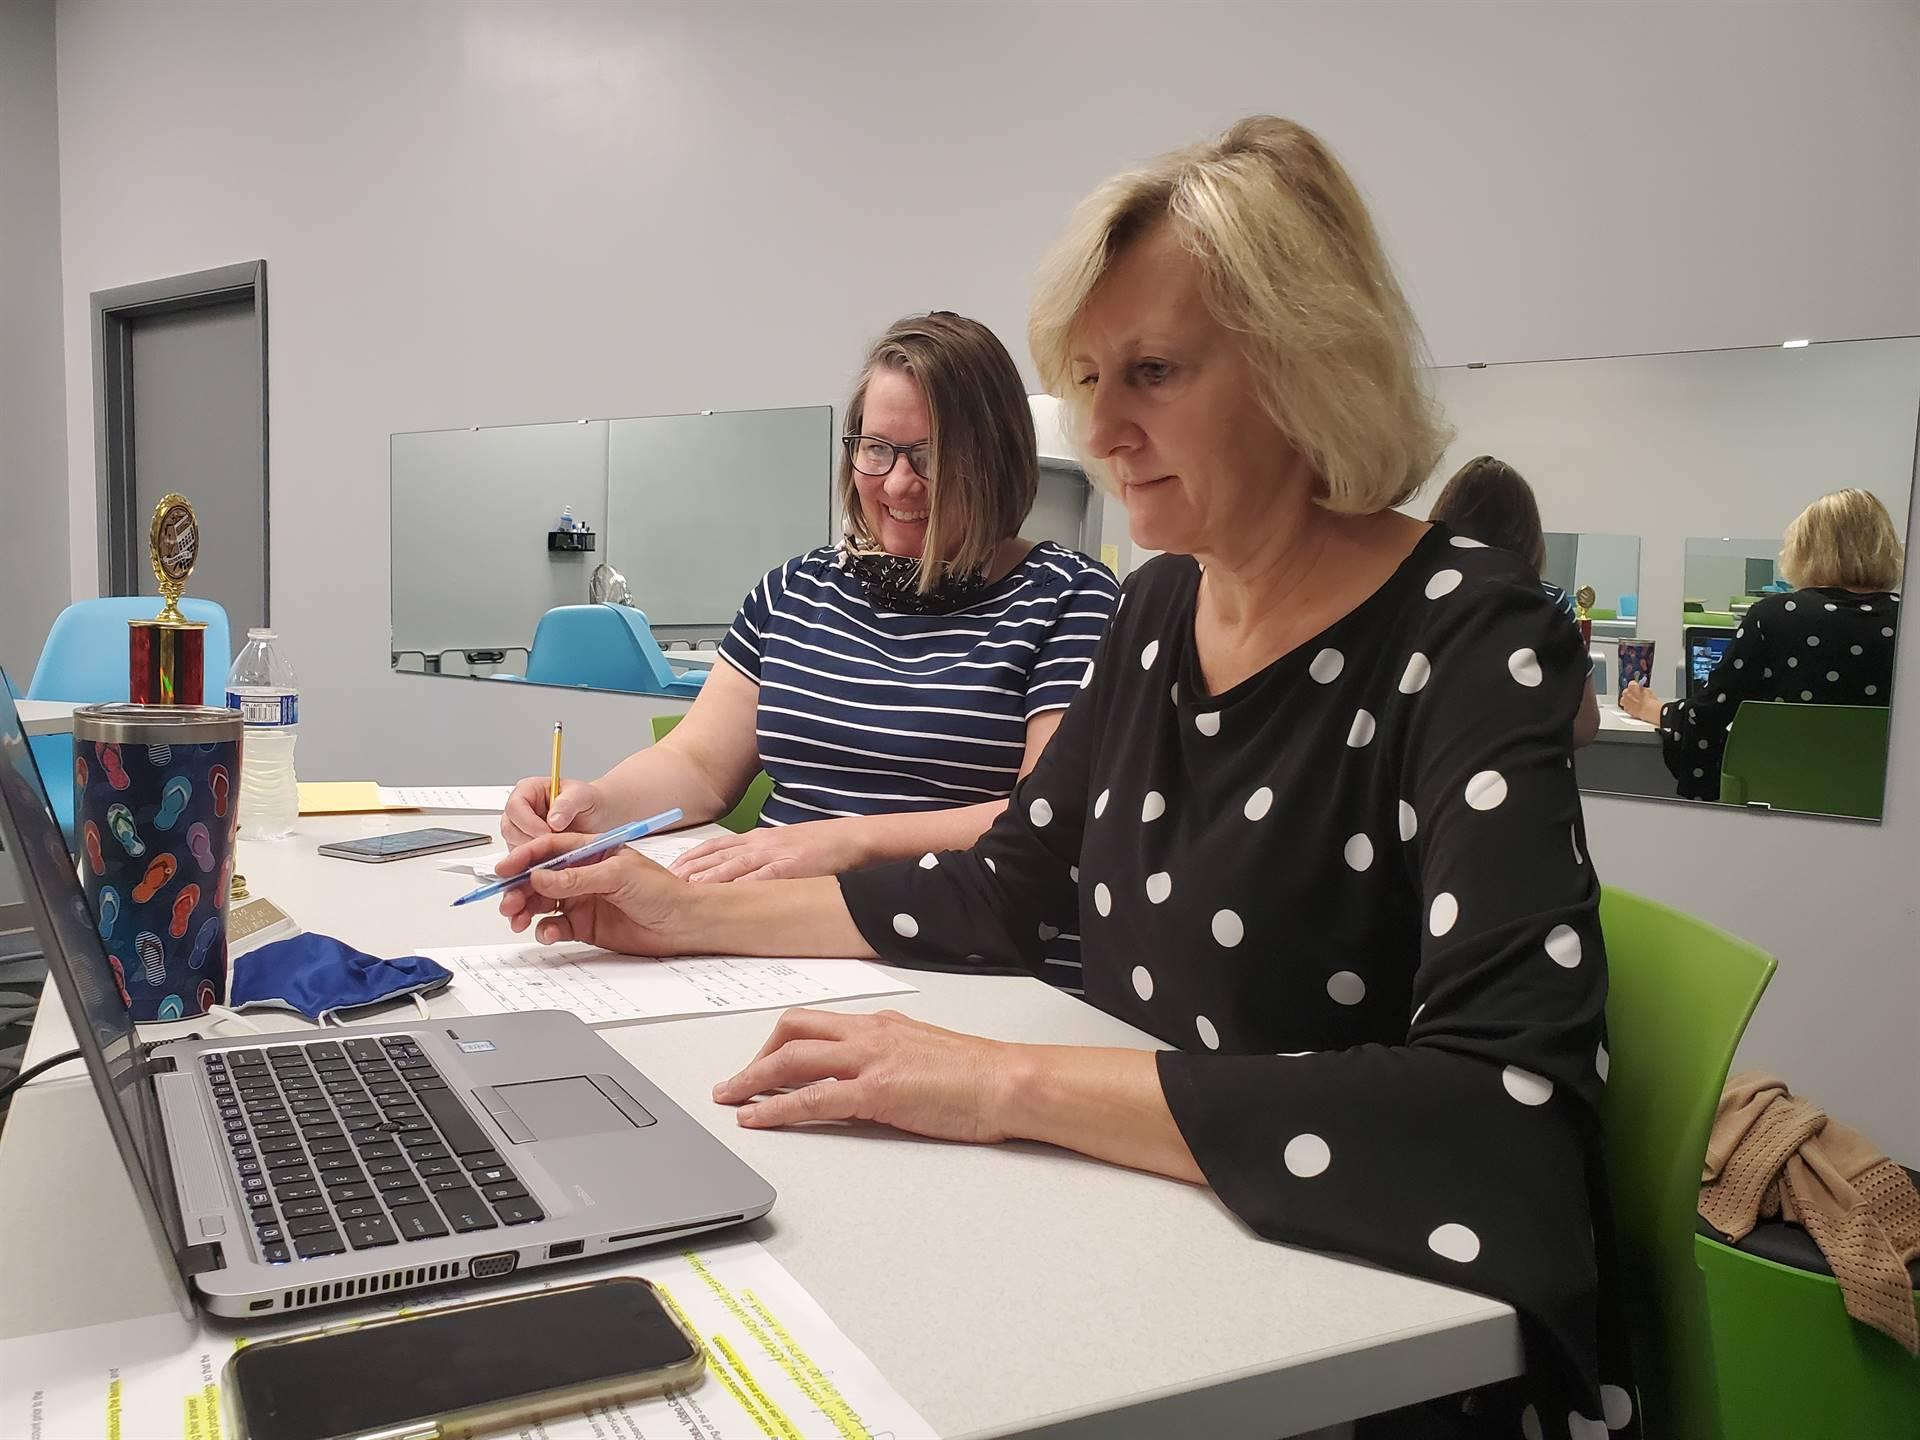 2 ladies looking at laptop